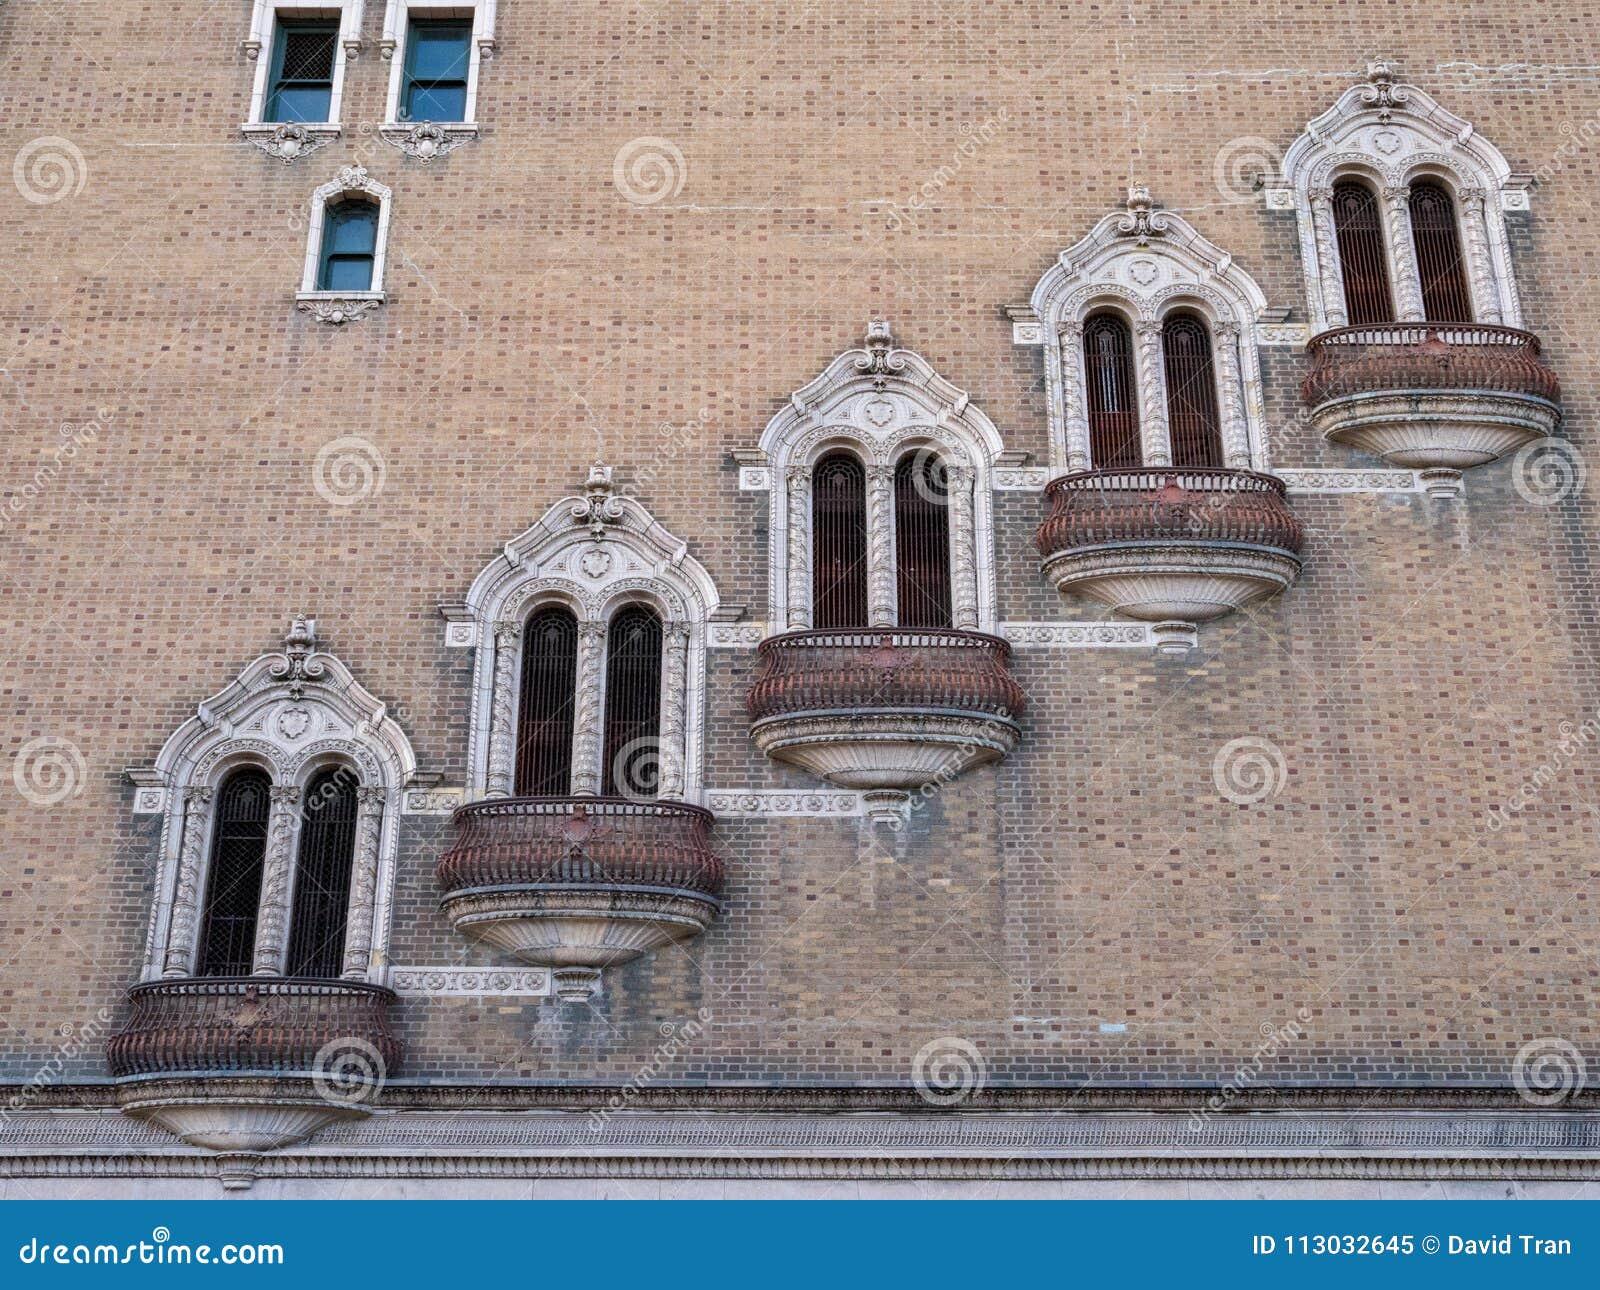 Fila de balcones escalonados, oxidados, al aire libre